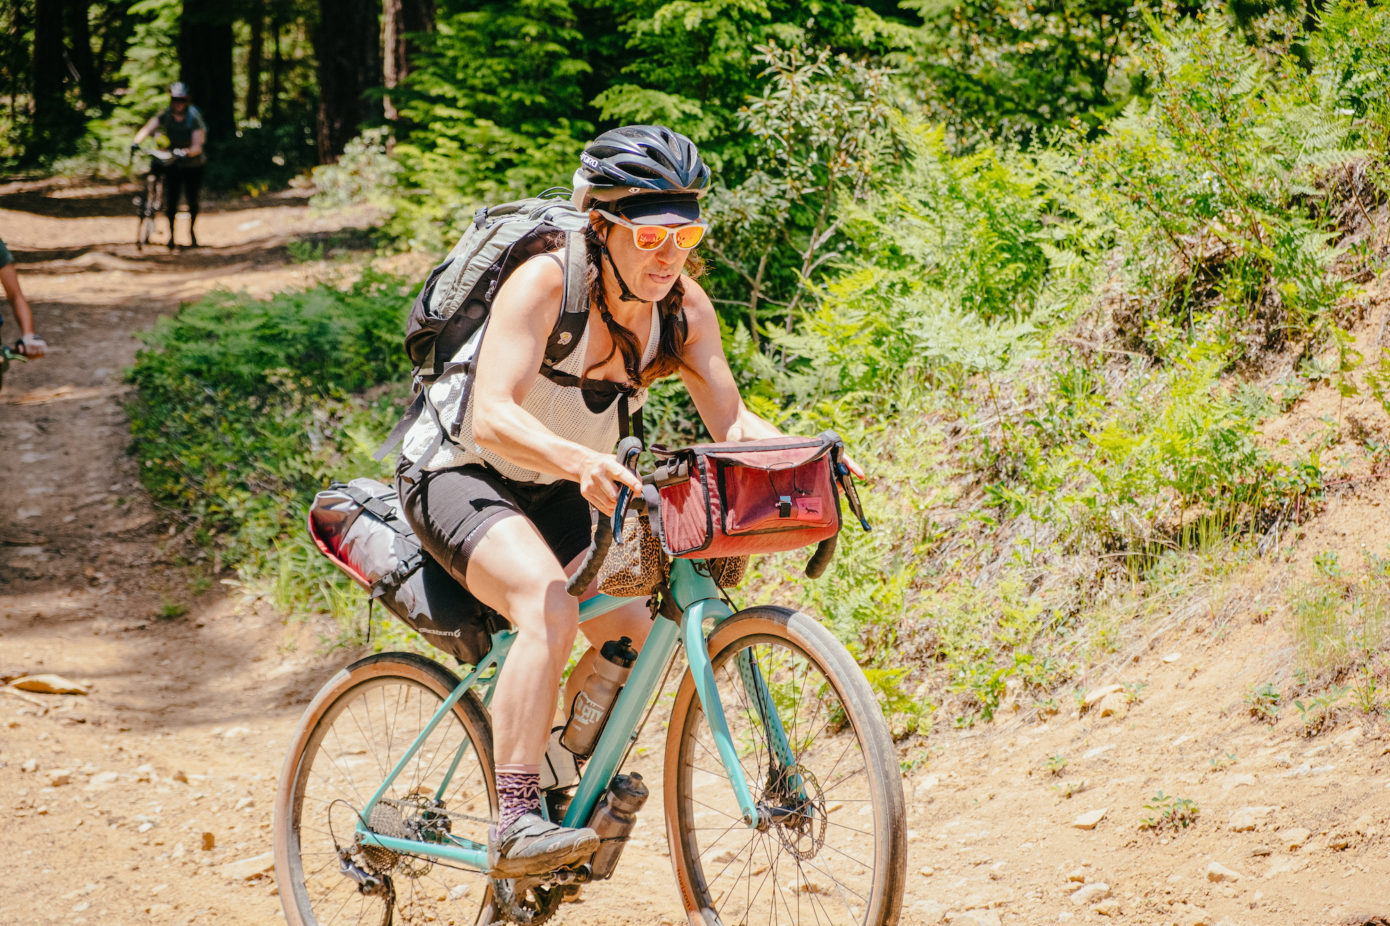 bikepacking | KONA COG